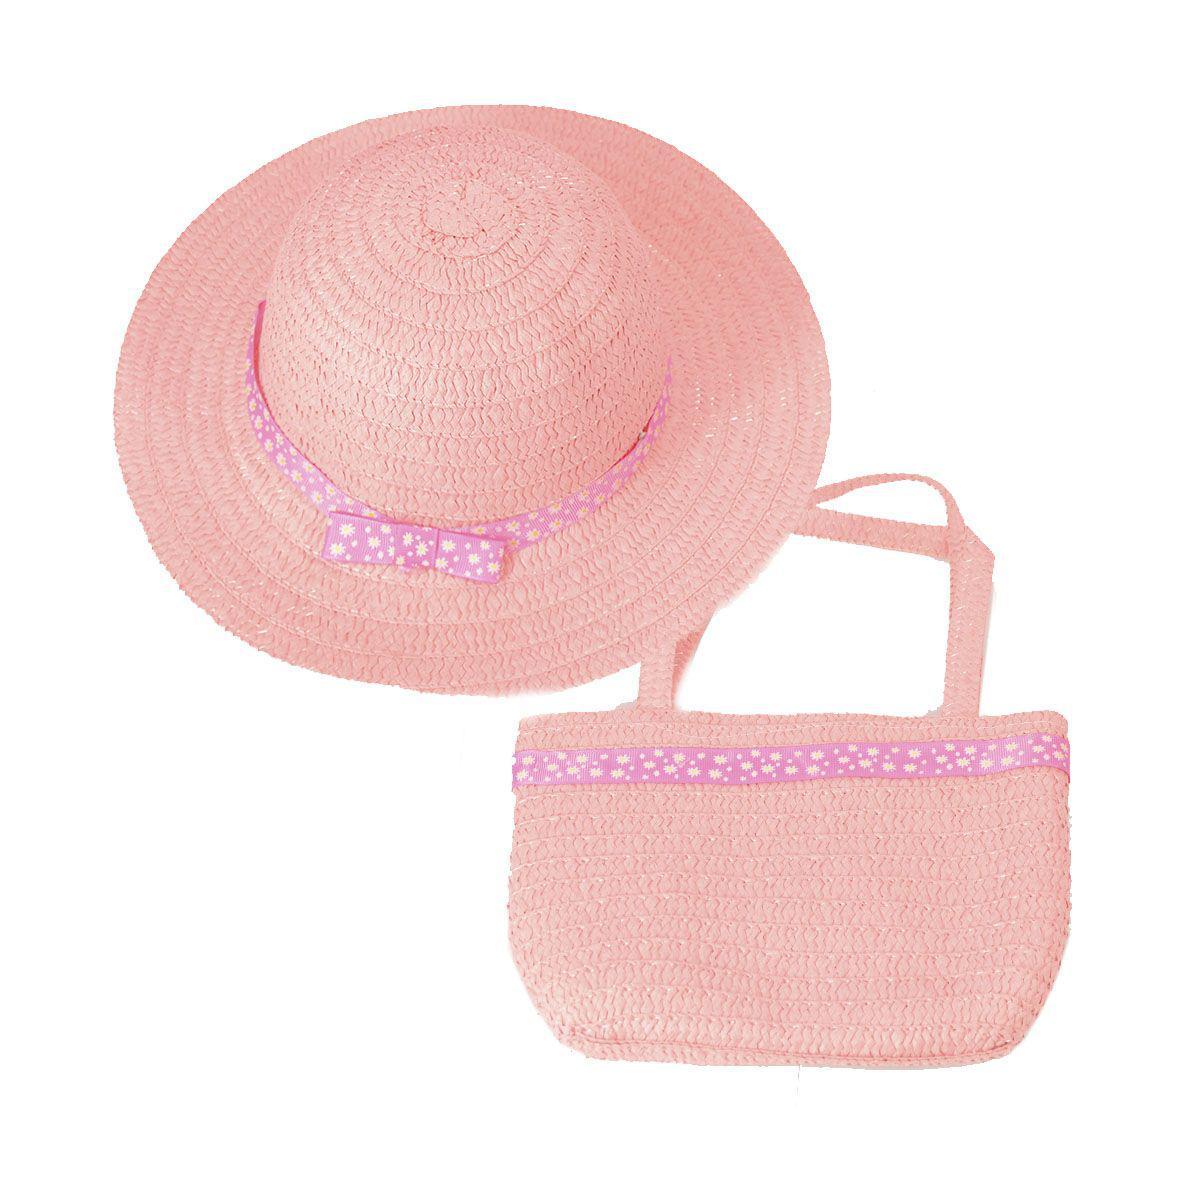 Шляпа Детская 22017-8 Коралловый — в Категории